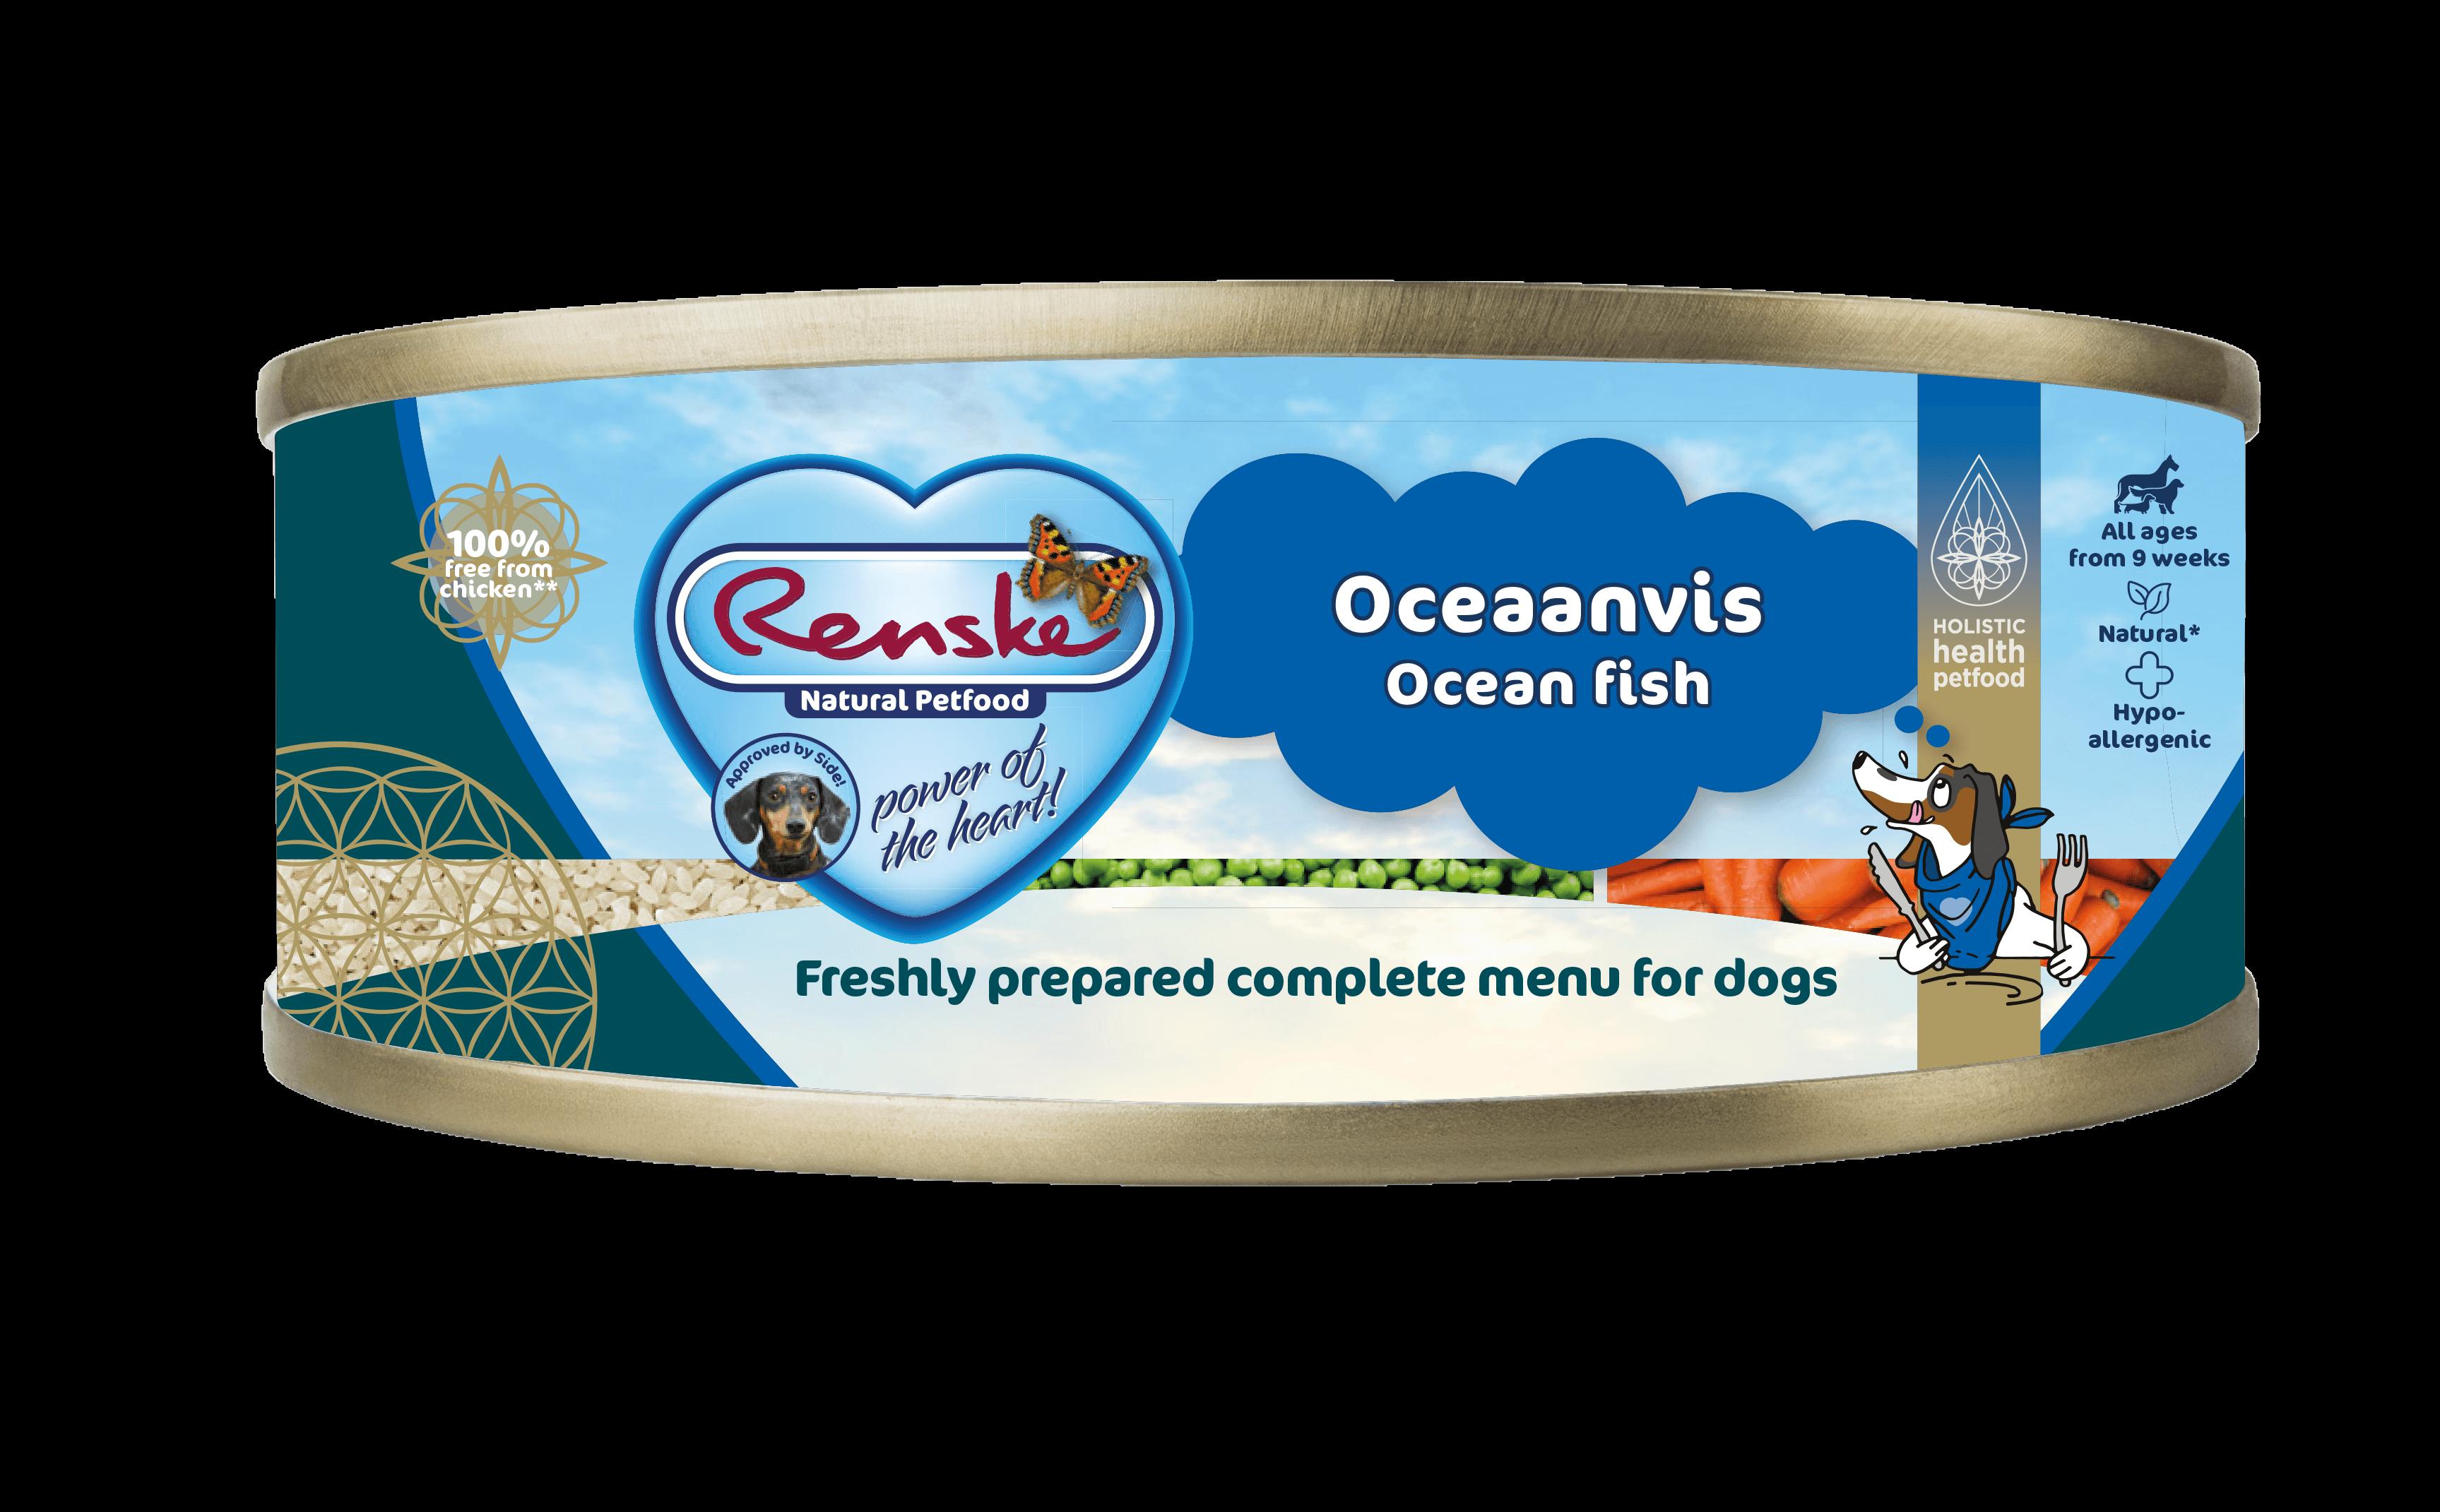 Oceaanvis